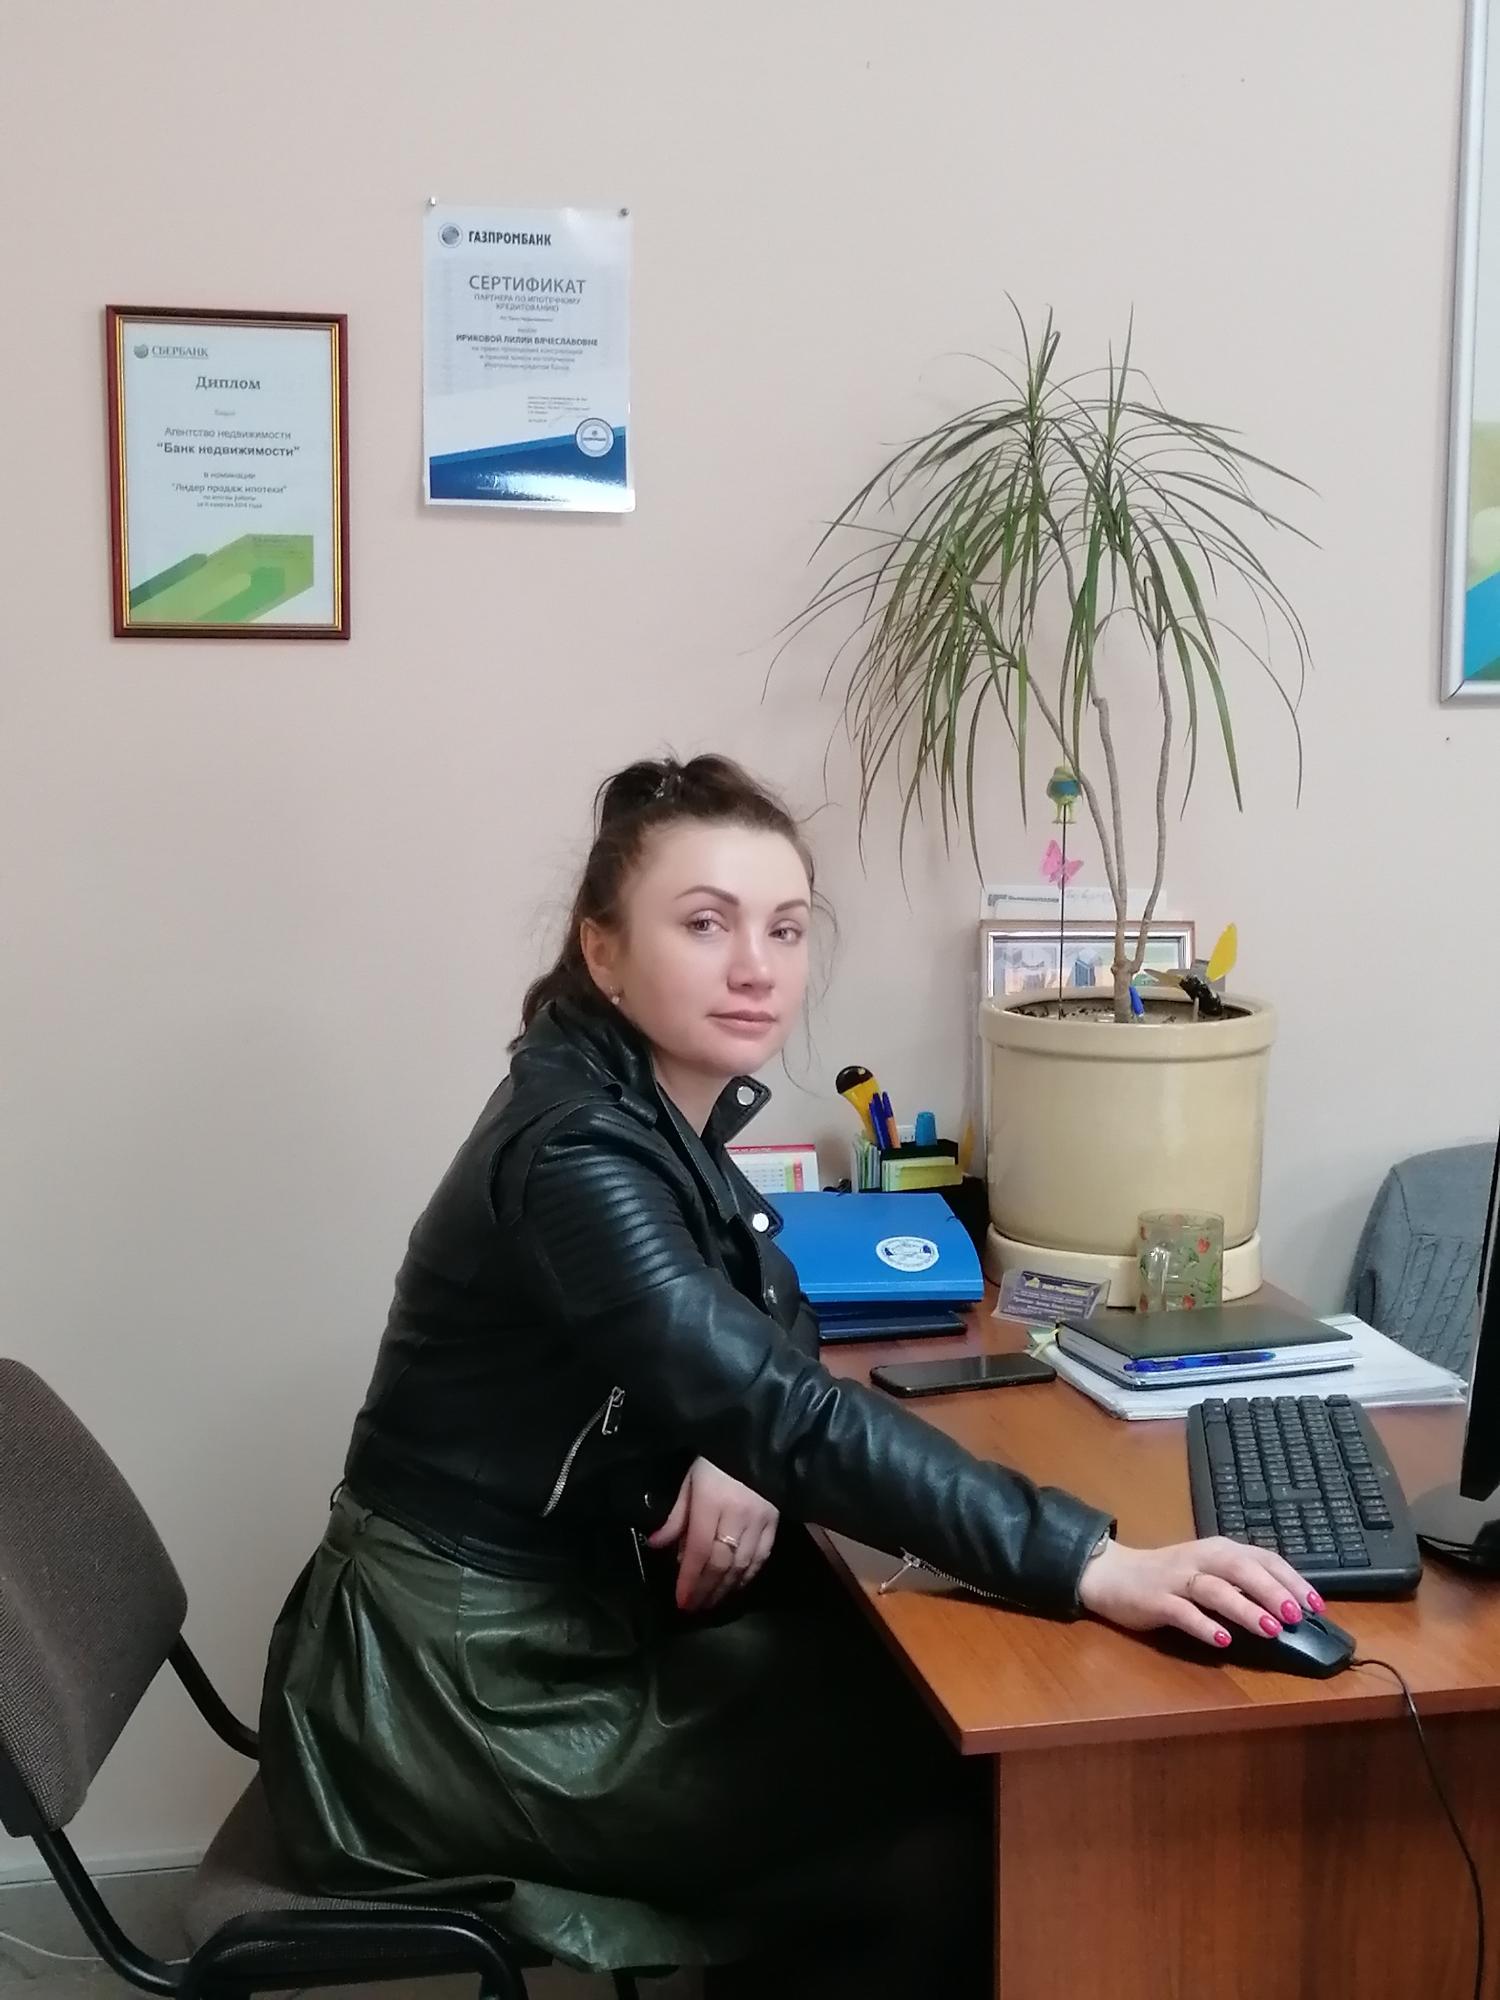 Ирикова Лилия Вячеславовна